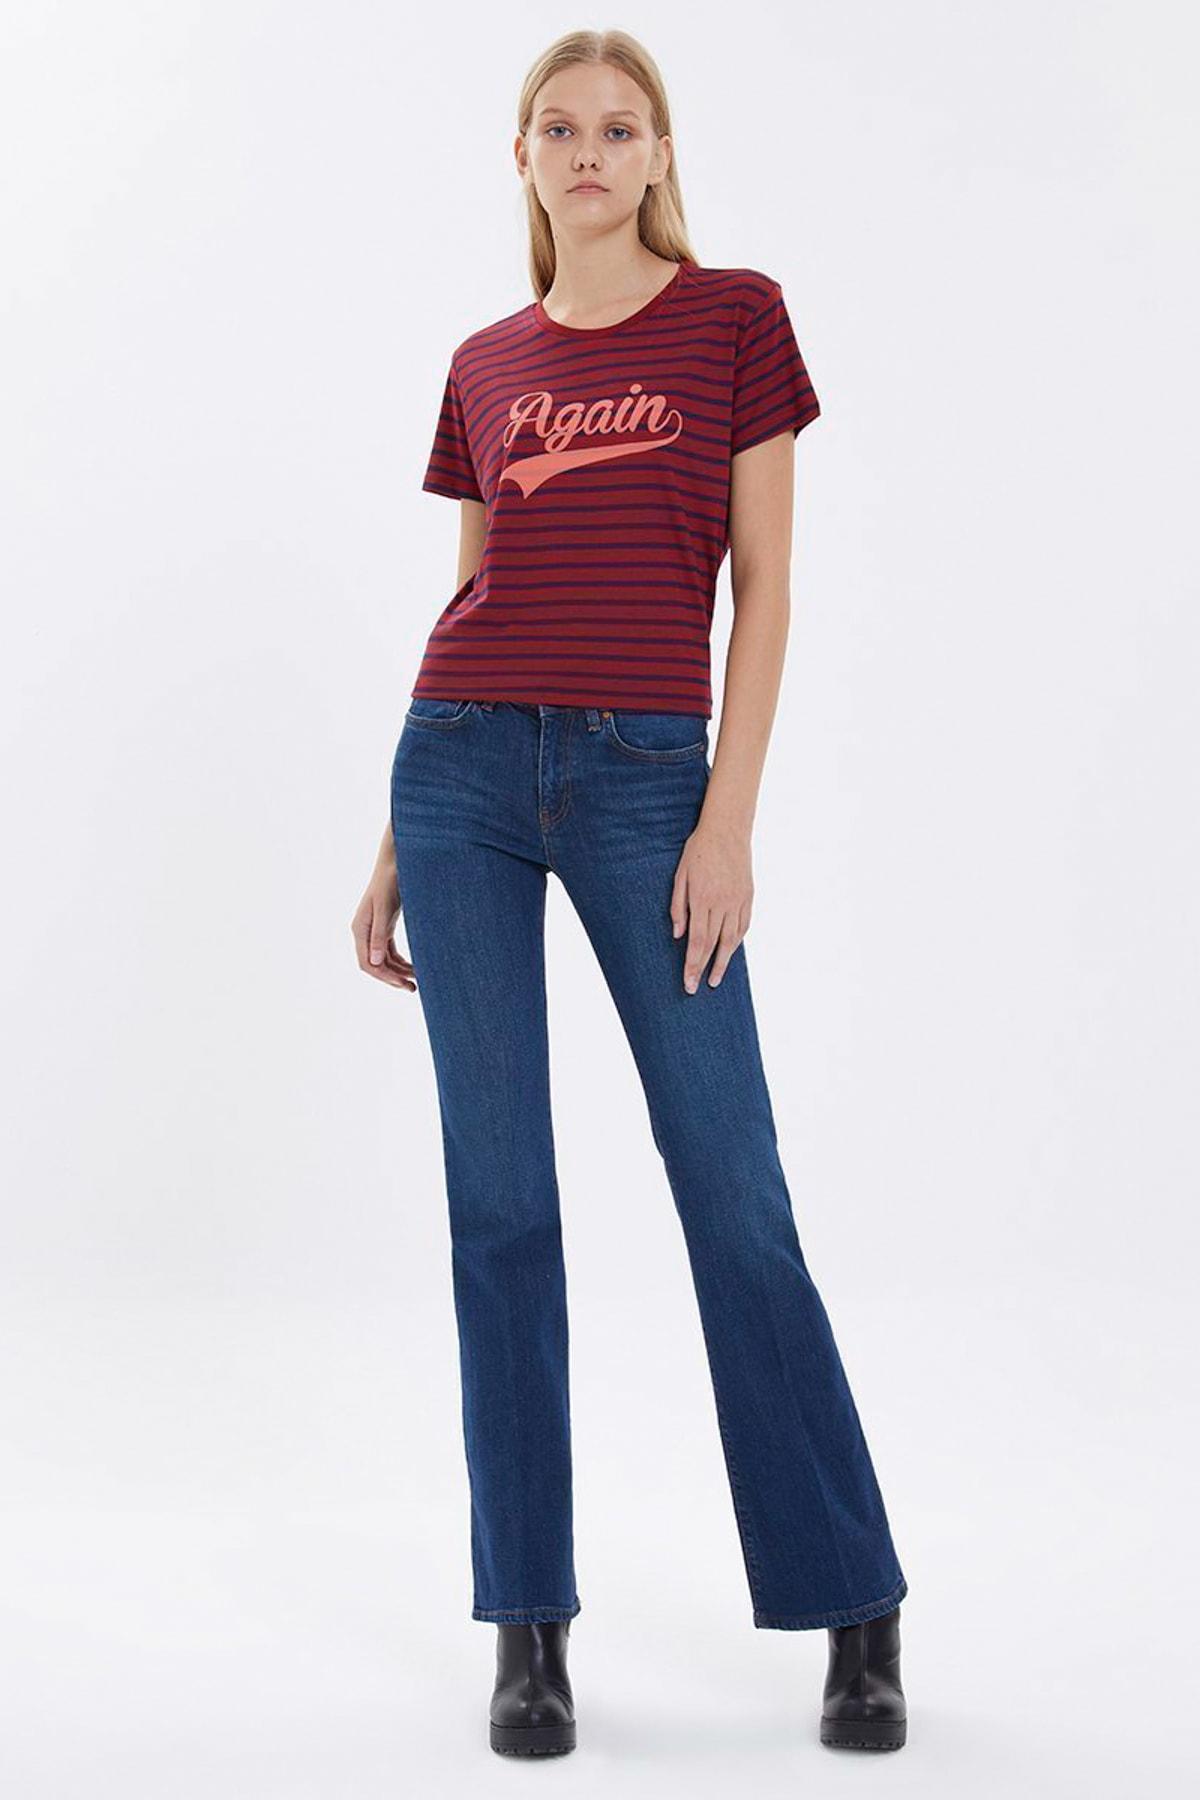 Loft Kadın Pantolon LF2022115 1